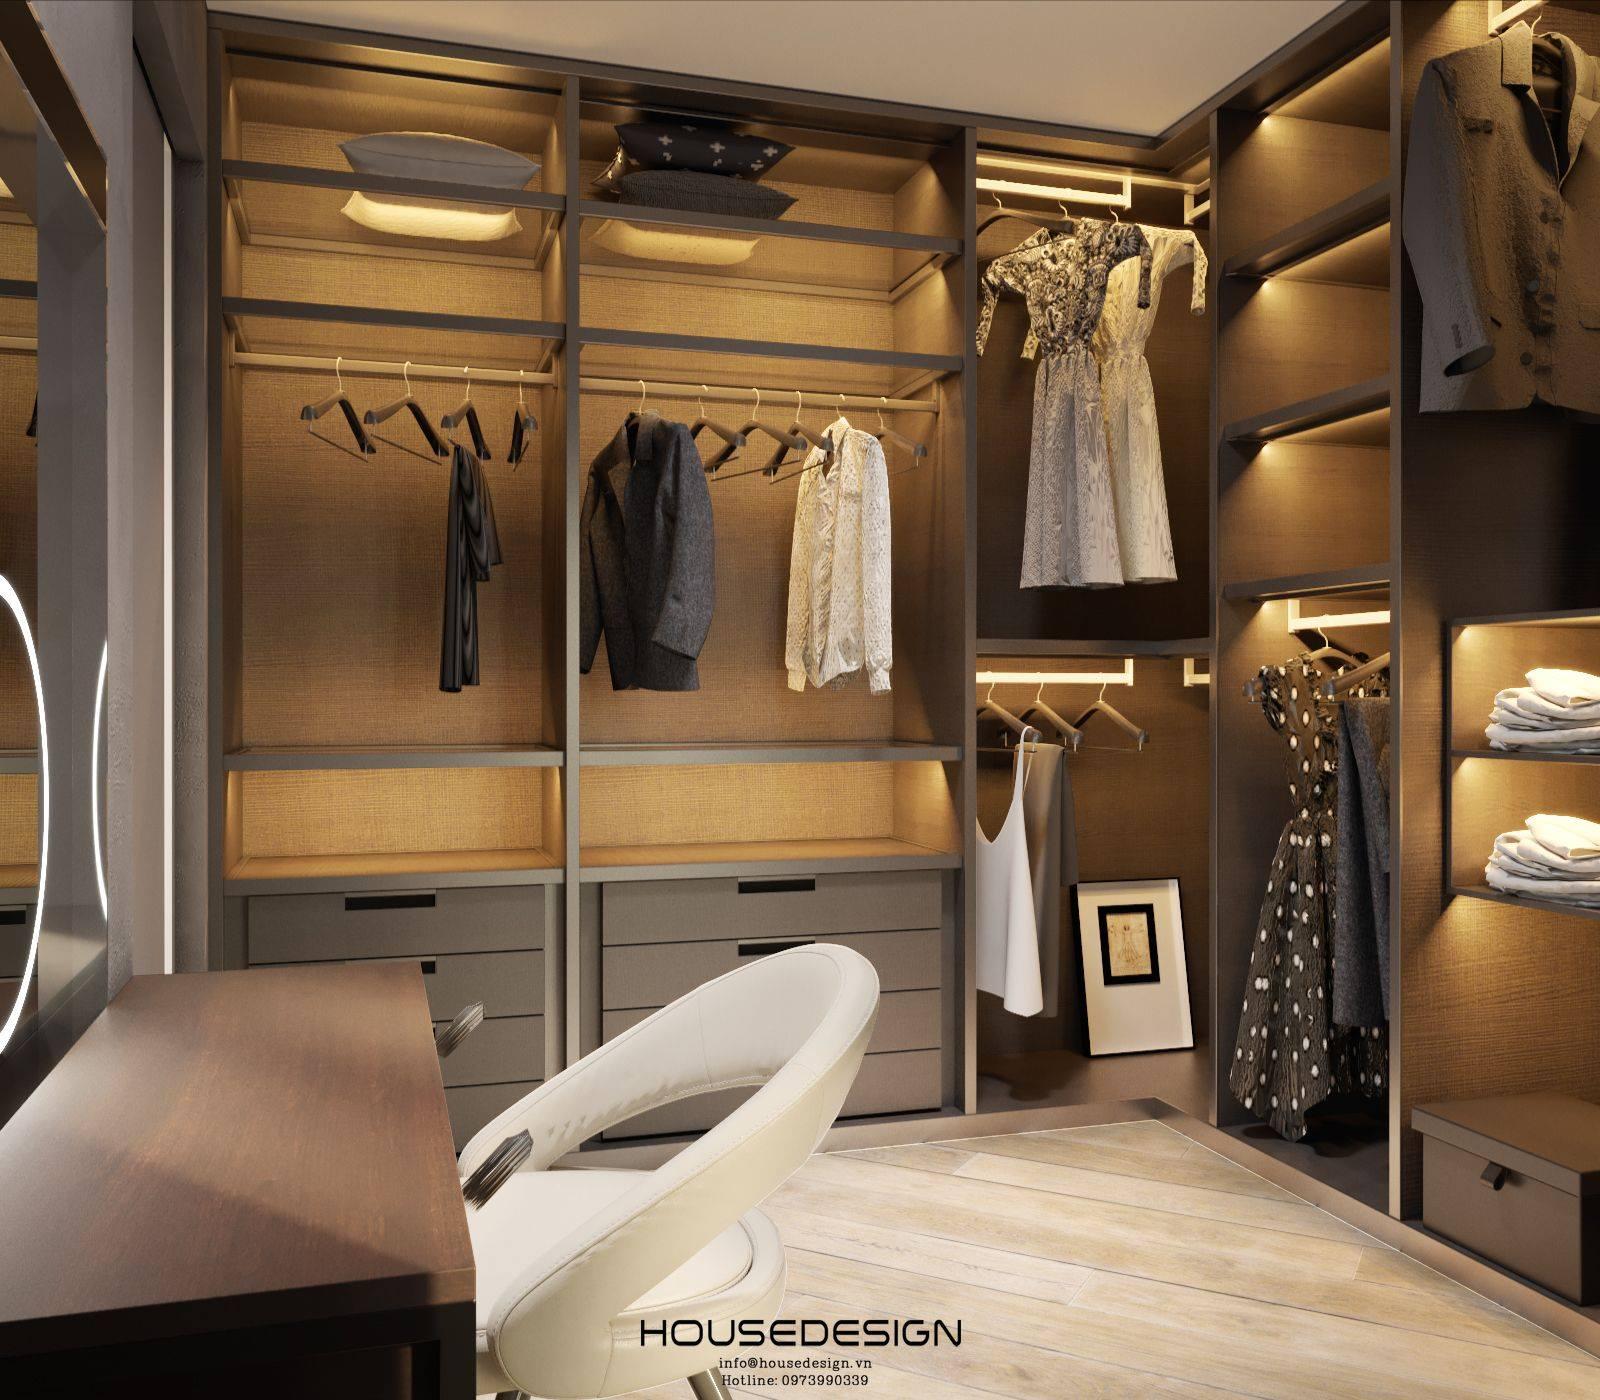 nội thất cho tủ đồ